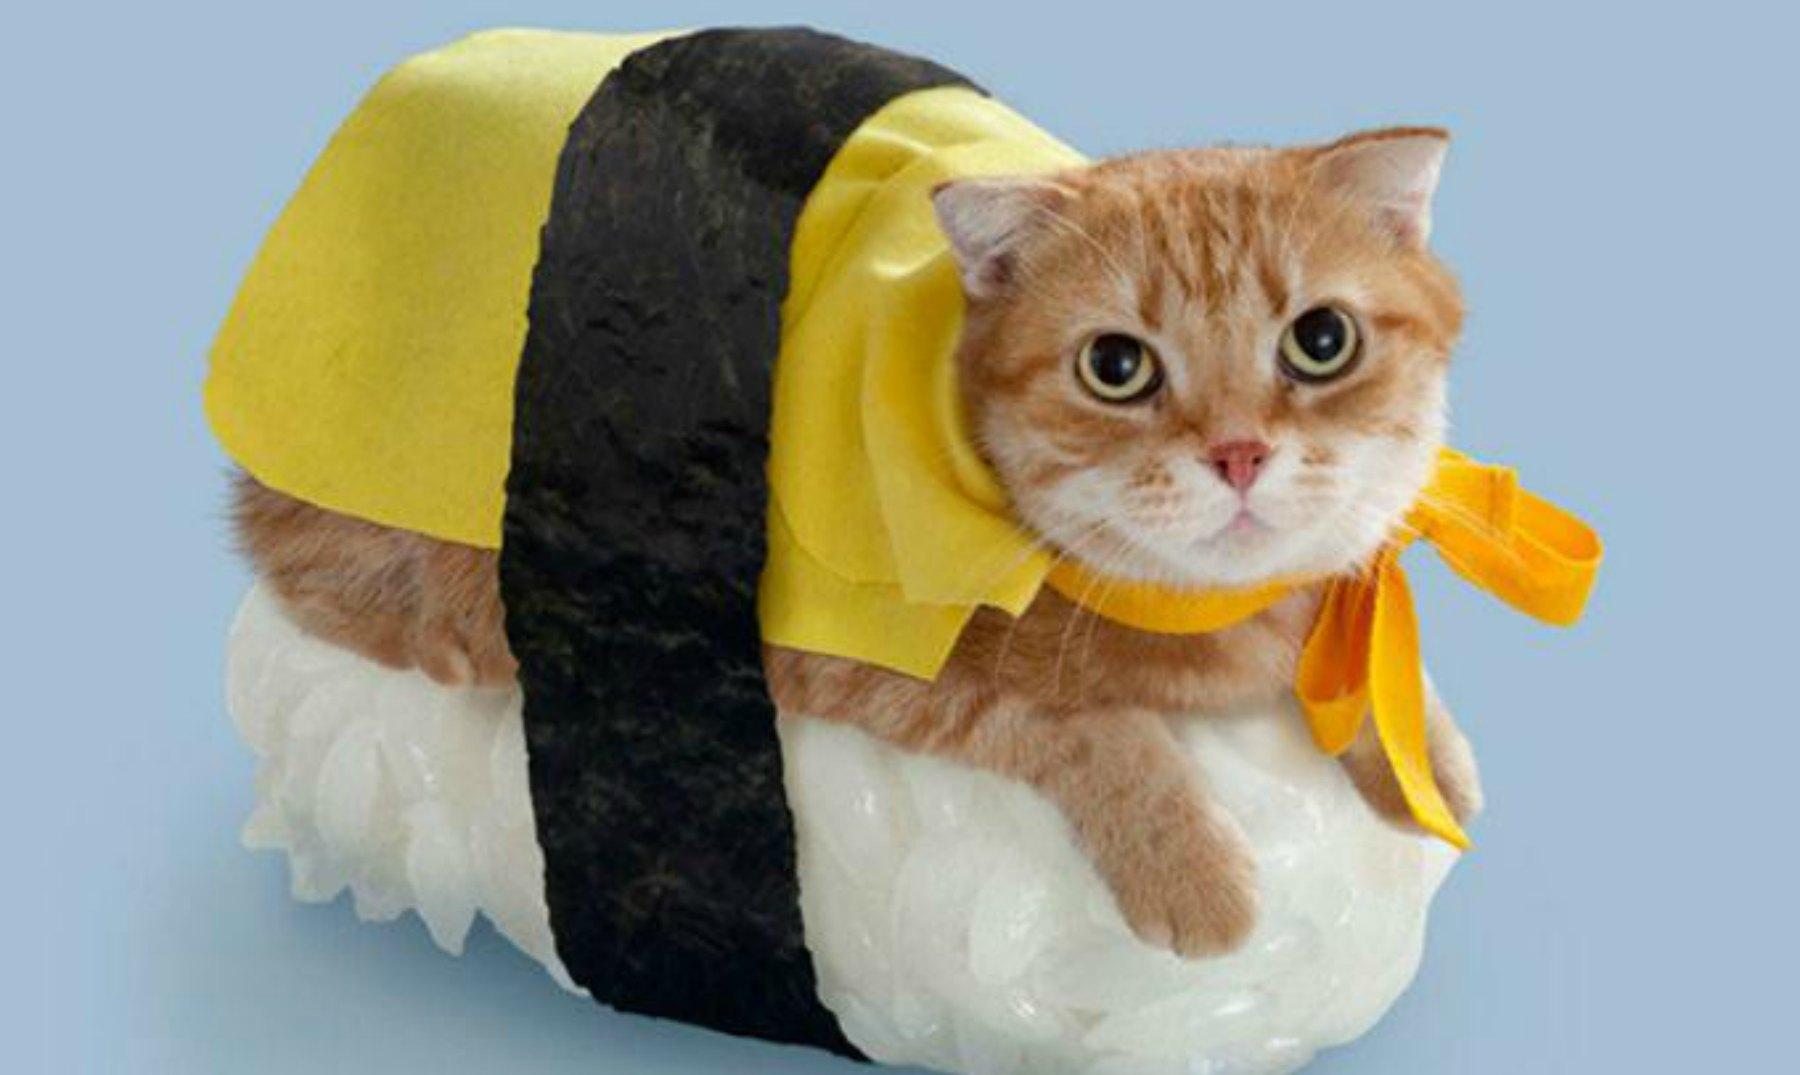 25 disfraces de gatos graciosos y divertidos - Disfraces de gatos para ninos ...